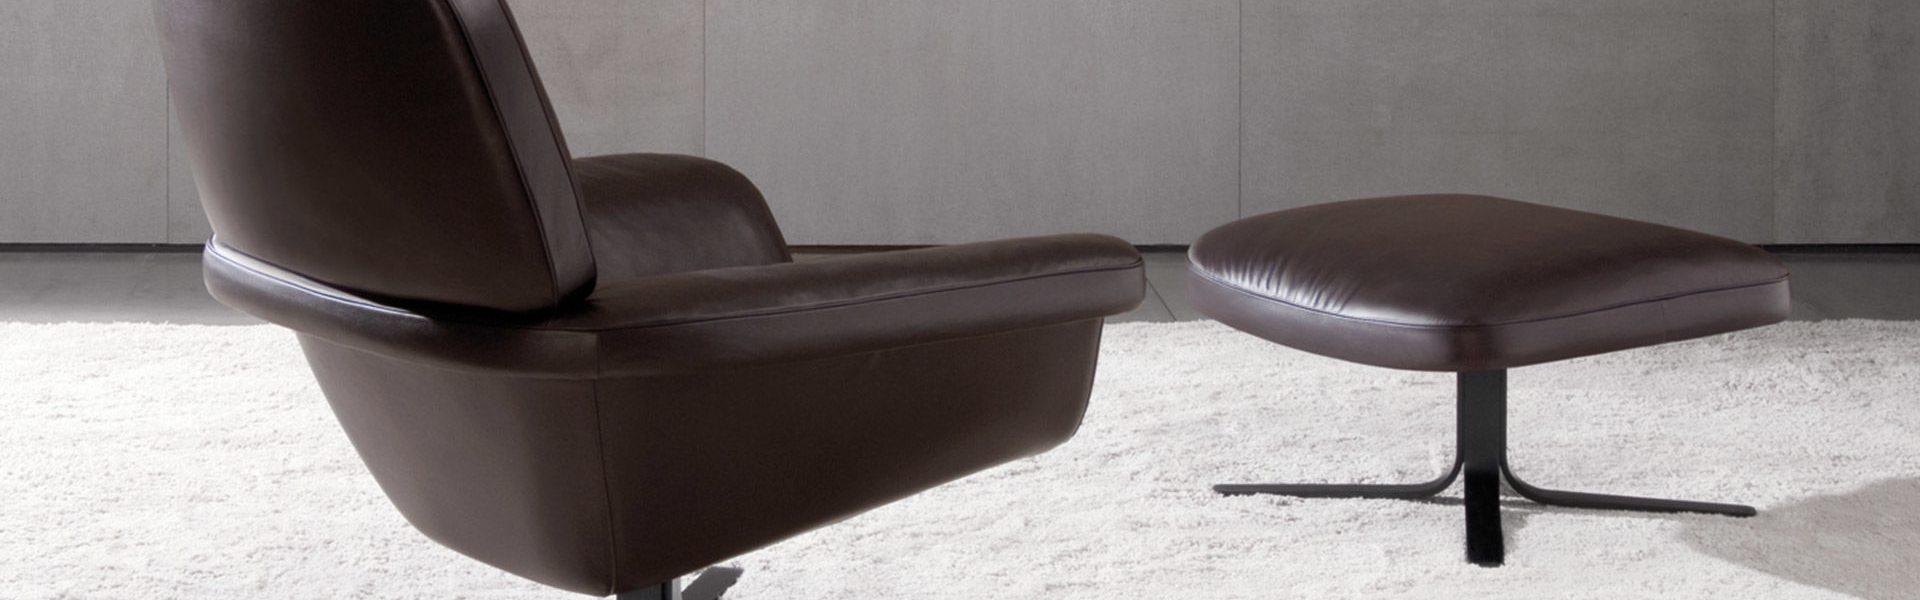 Blake-Soft Armchair